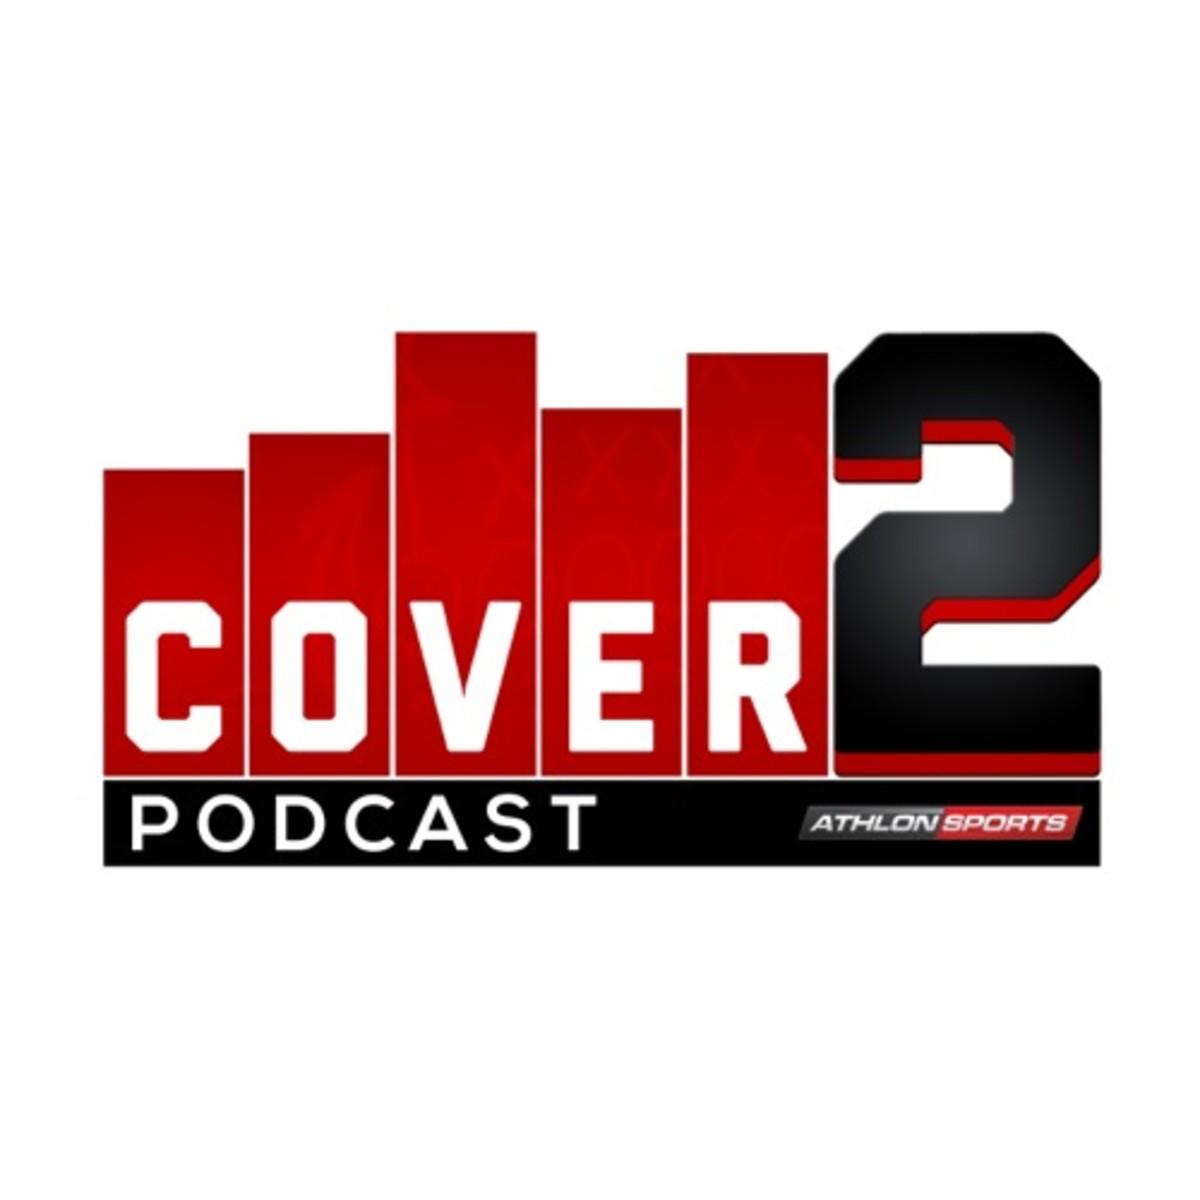 Cover2-500.jpg